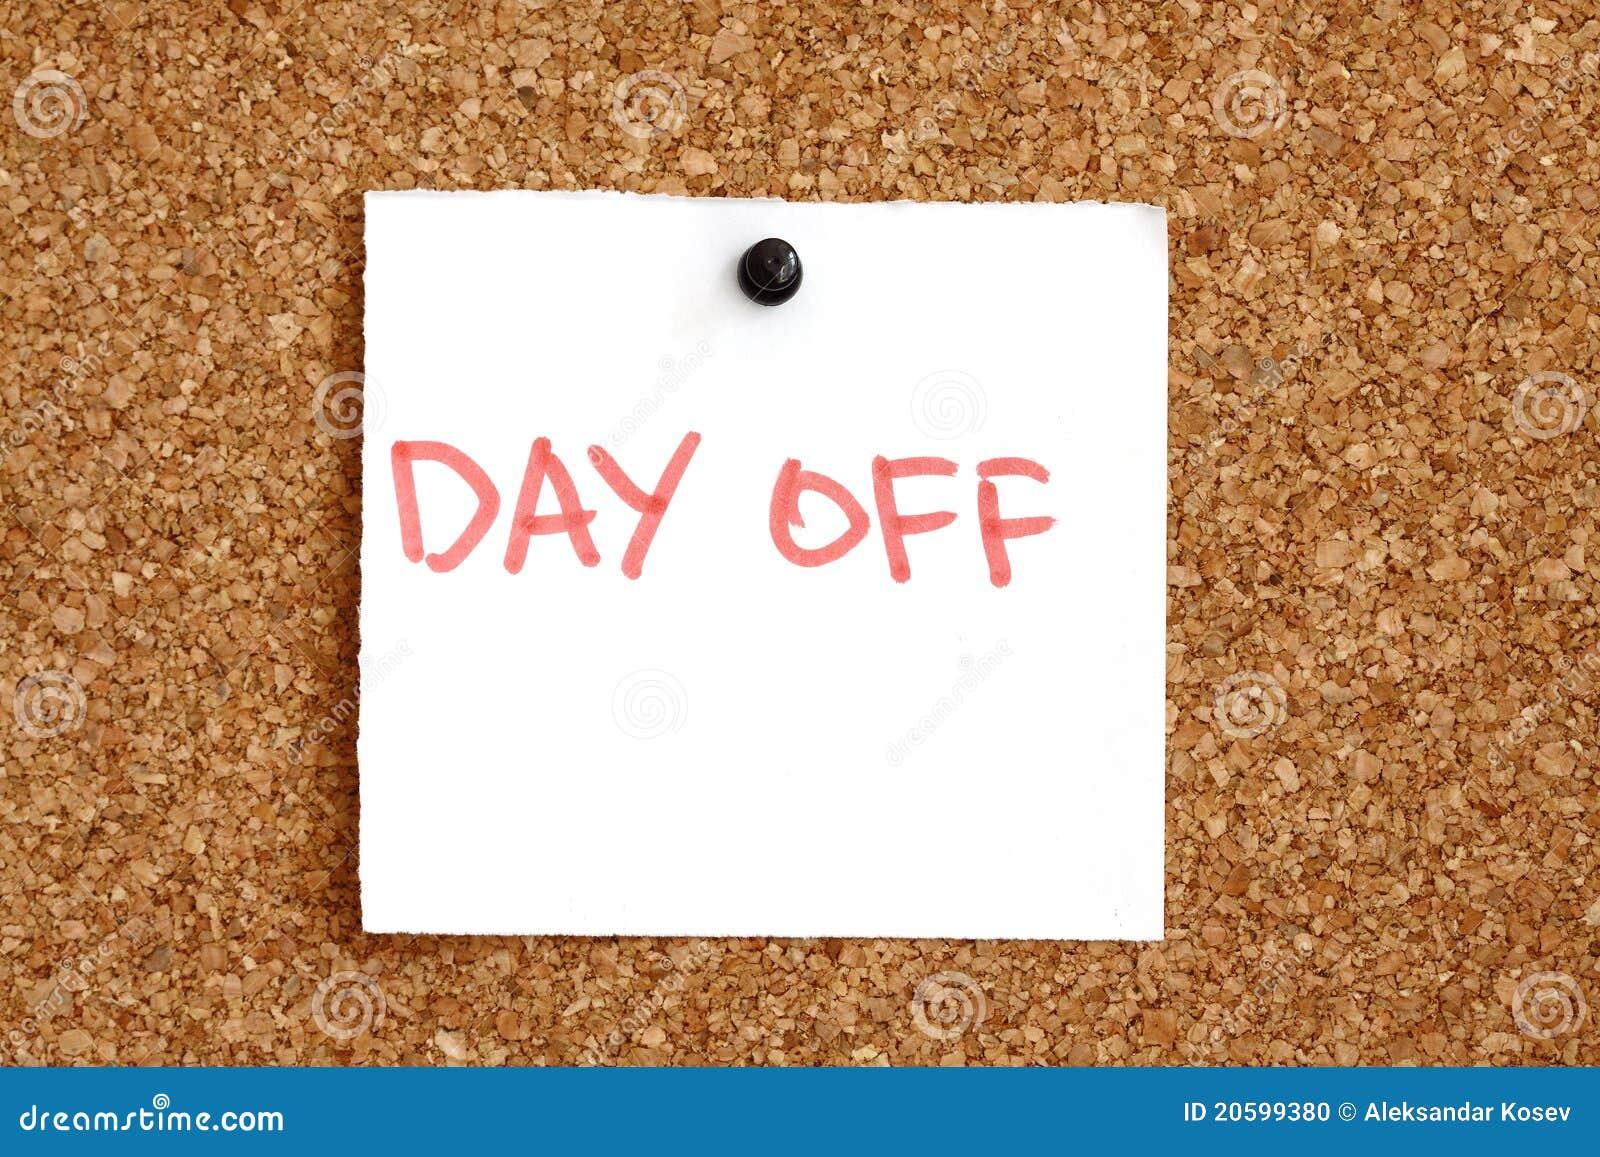 Jour de cong le rappel photo stock image 20599380 for Demenagement jour de conge